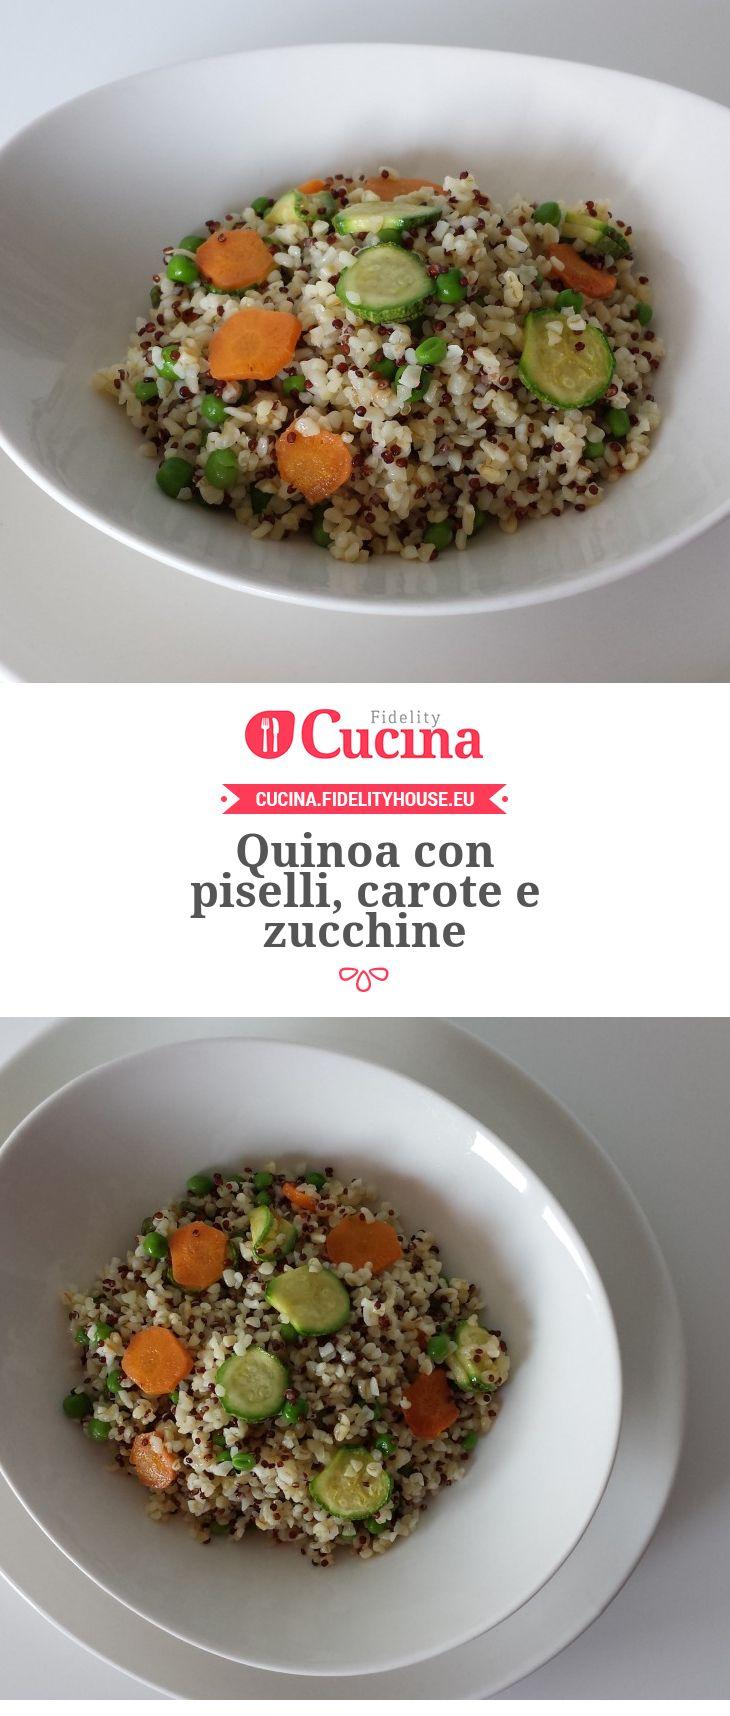 Quinoa con piselli, carote e zucchine